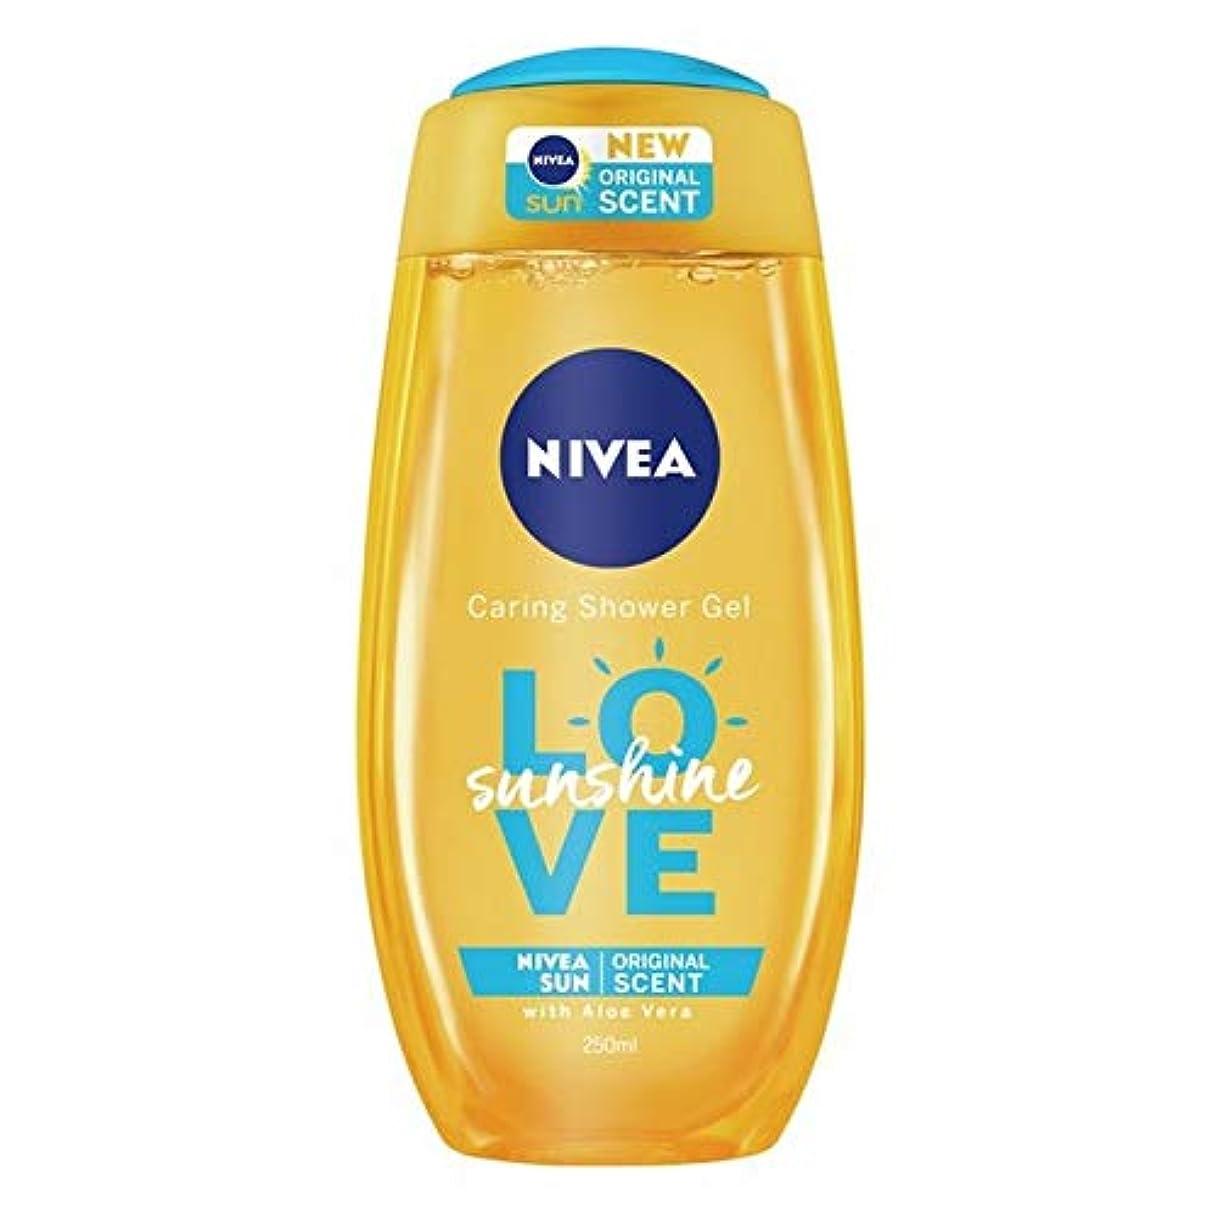 アミューズ干し草時系列[Nivea ] ニベアの日差しは、思いやりのシャワージェル250ミリリットルを愛します - Nivea Sunshine Love Caring Shower Gel 250ml [並行輸入品]